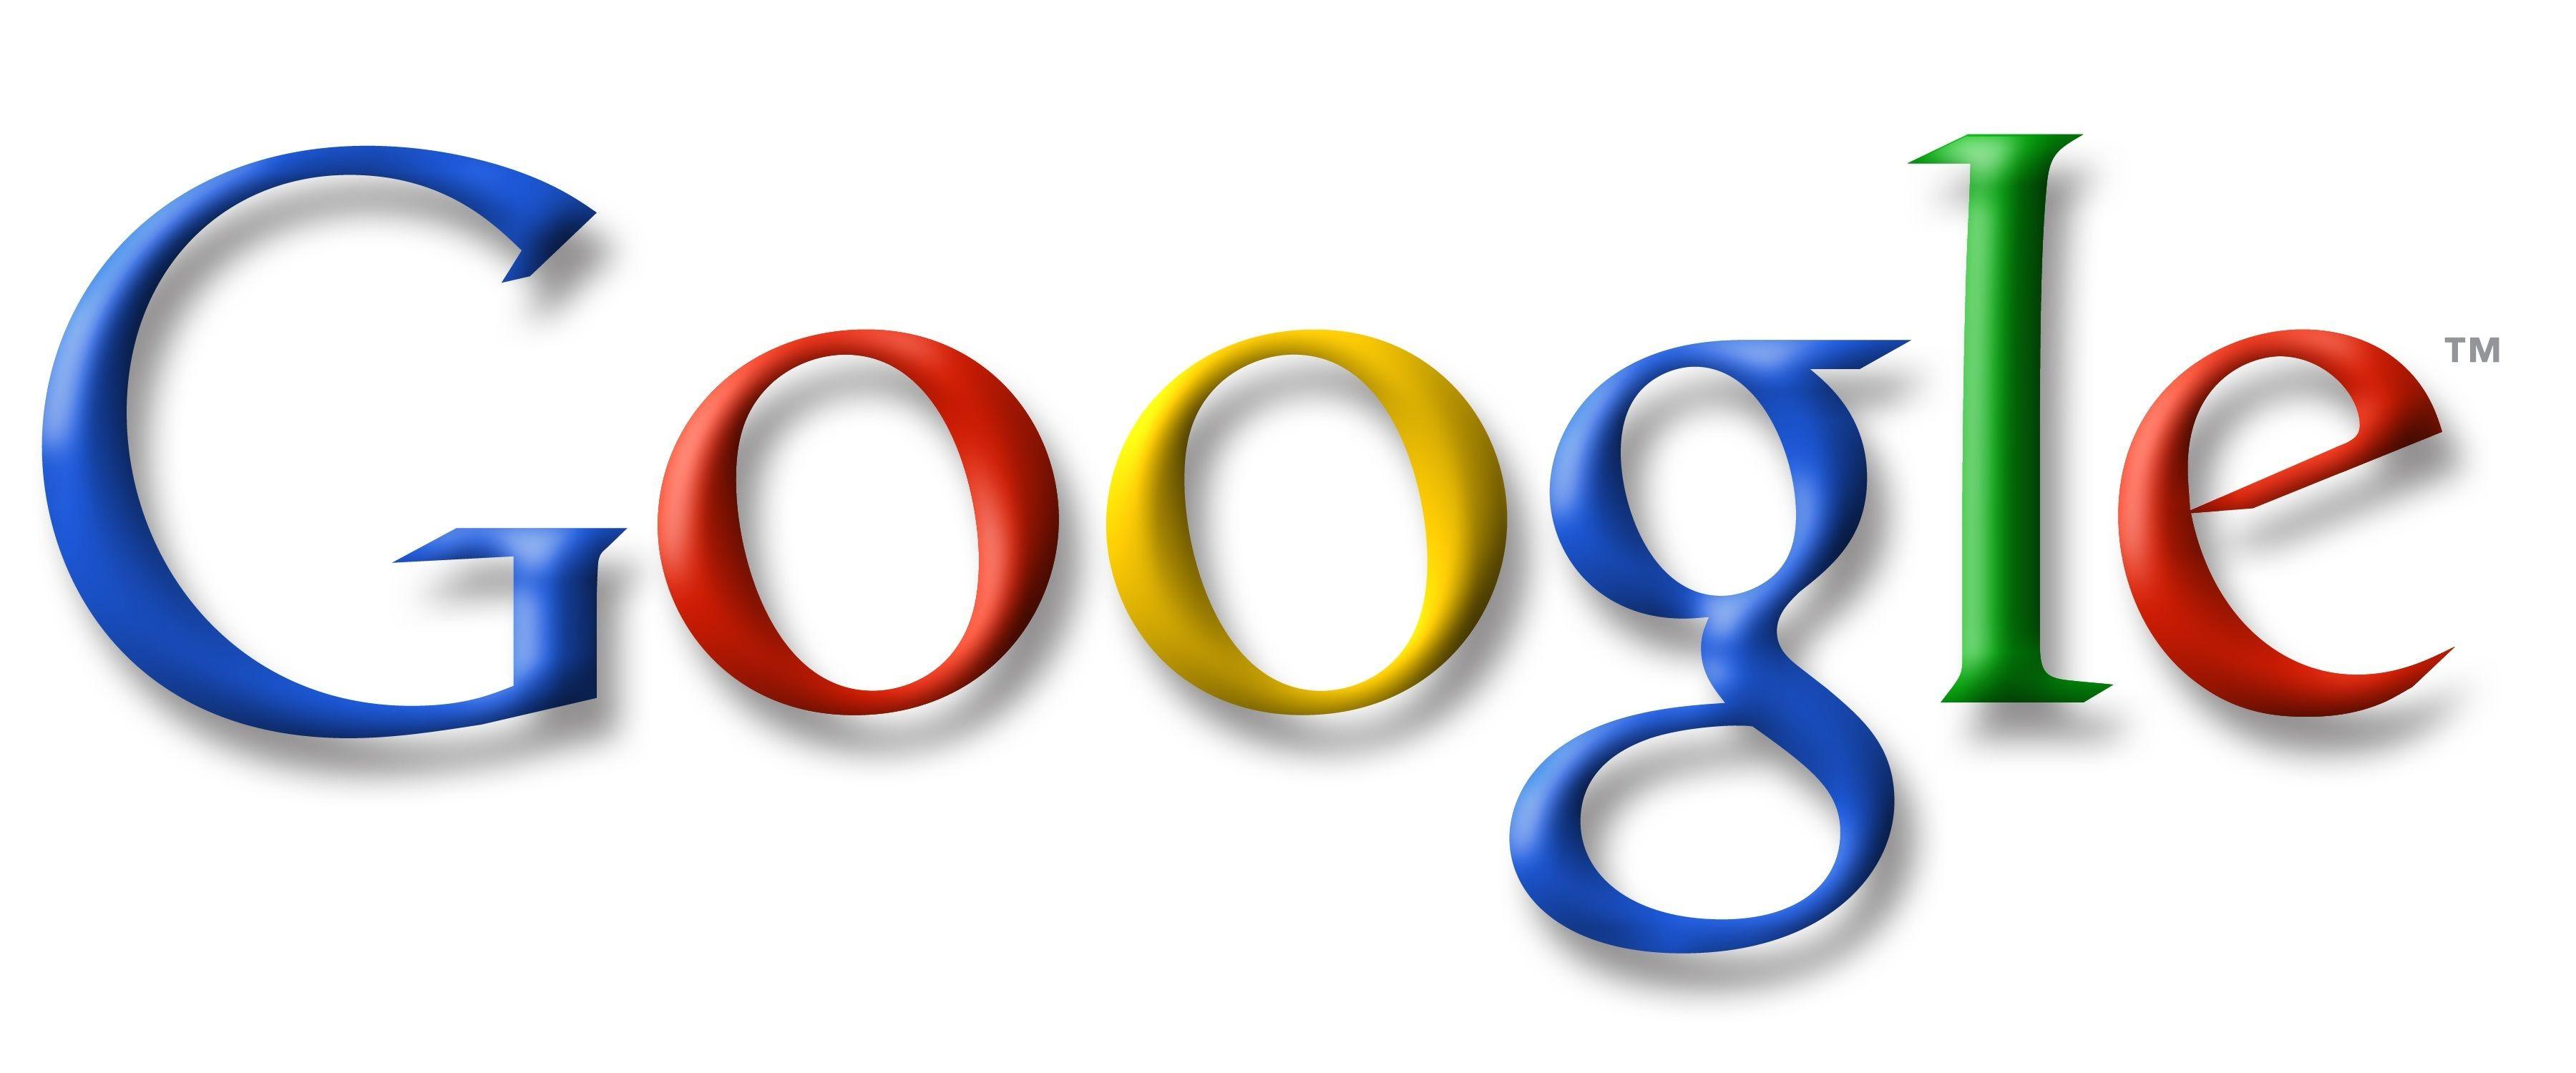 Google-Logo-40.jpg?nocache=1368364999826